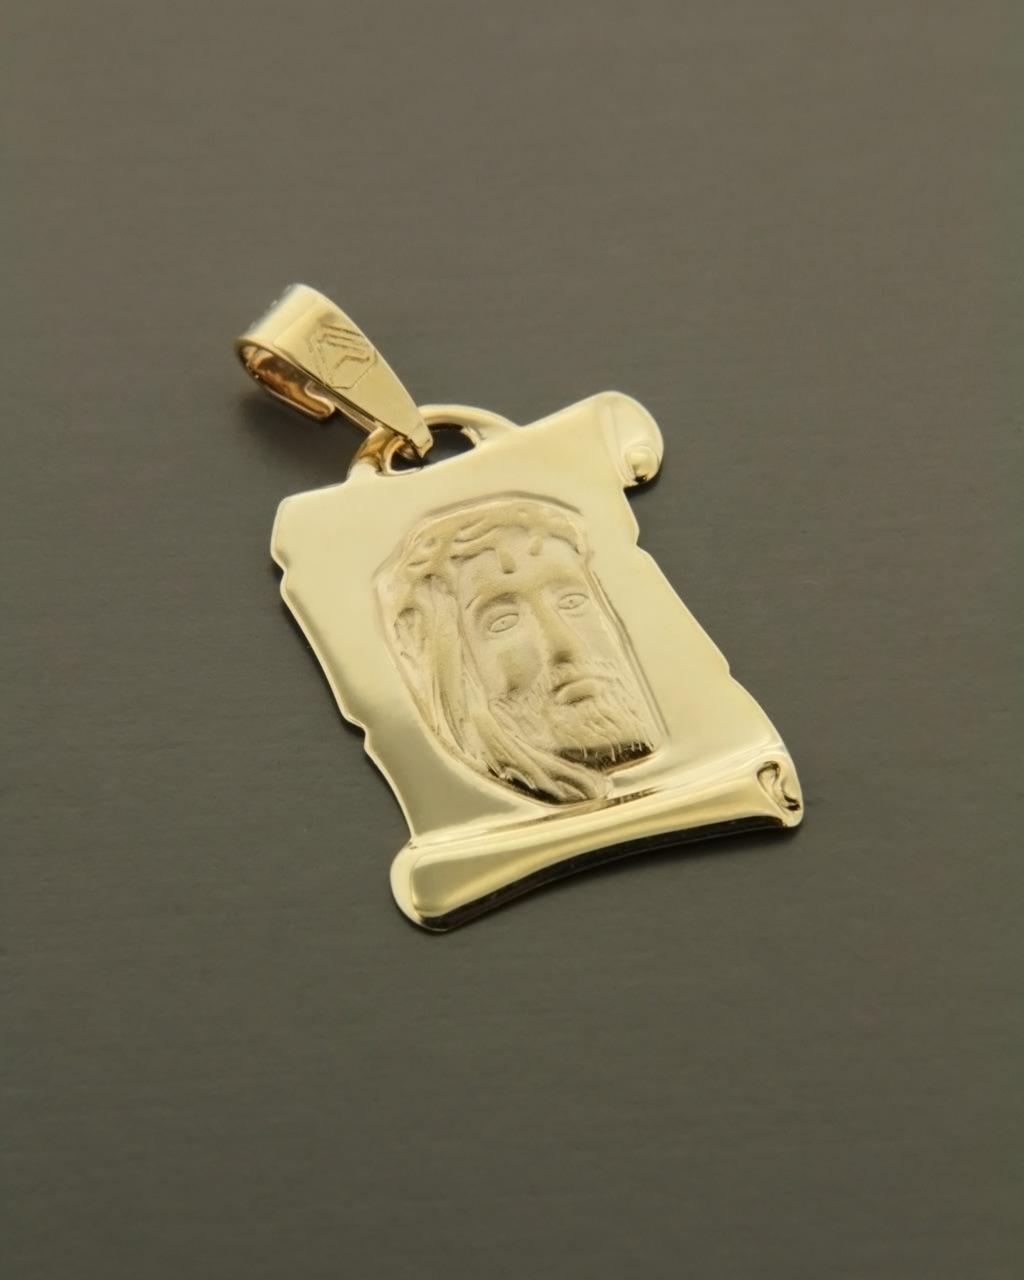 Φυλαχτό παιδικό χρυσό Κ9   κοσμηματα κρεμαστά κολιέ παιδικά φυλαχτά